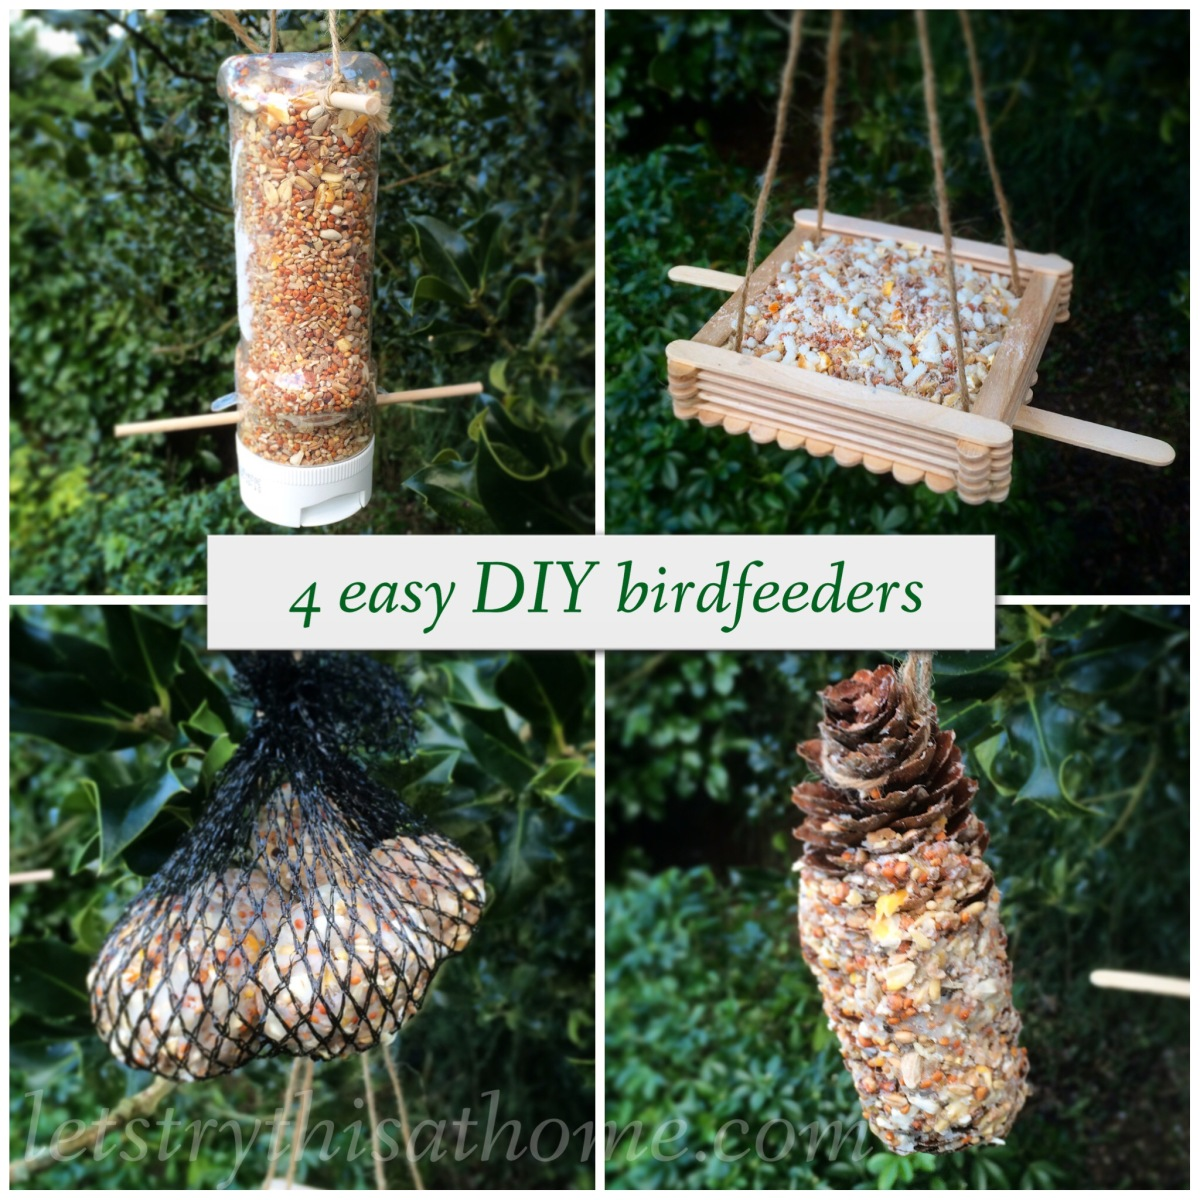 Four easy diy bird feeders letstrythisathome for Homemade bird feeders